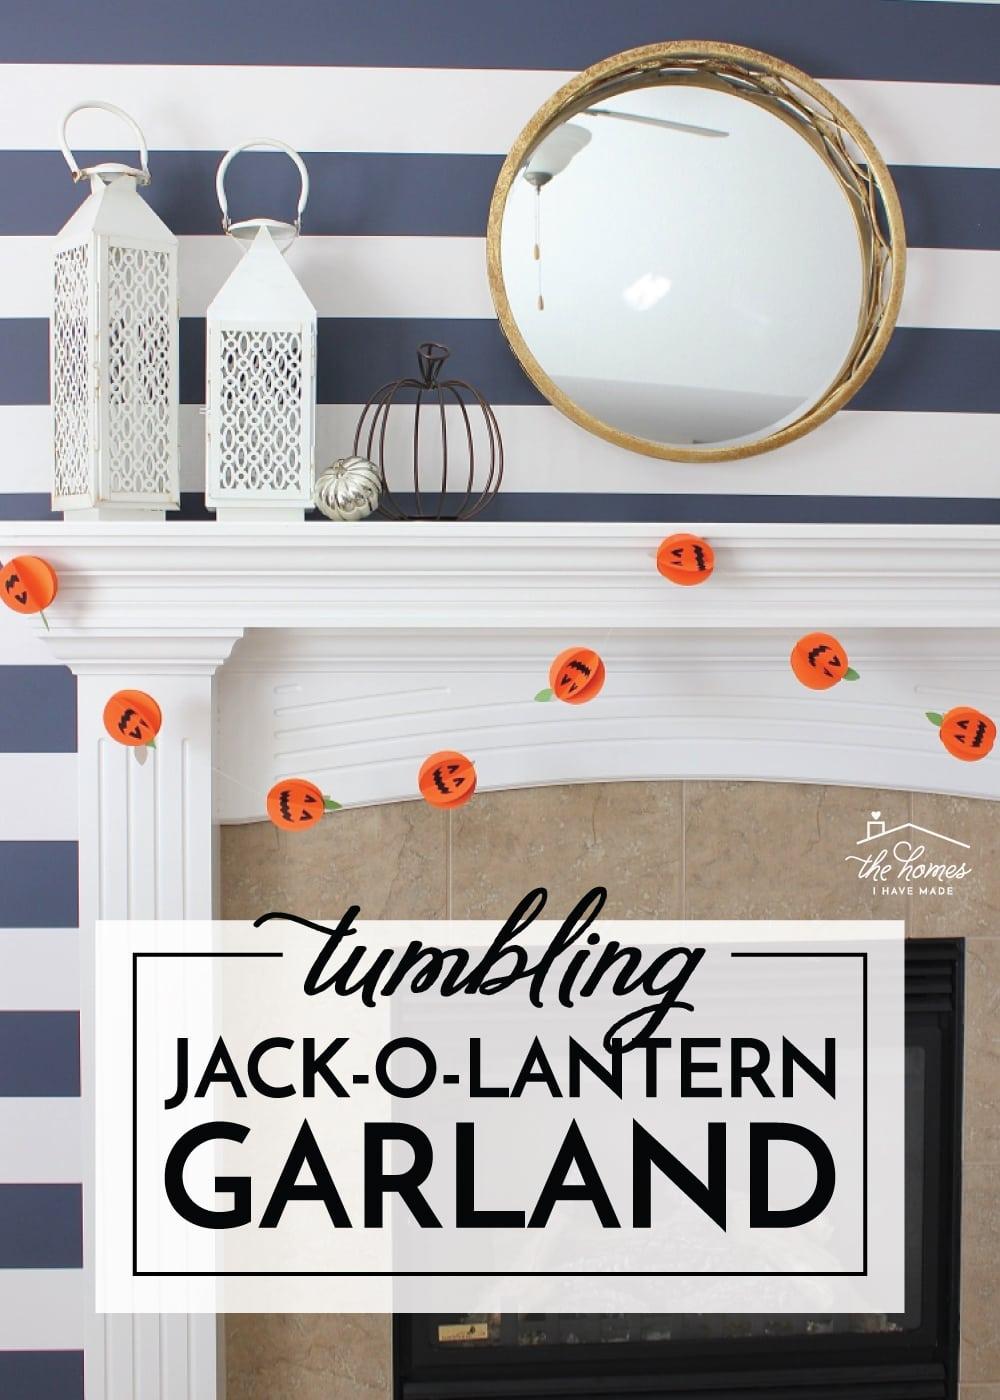 Jack-O-Lantern Garland